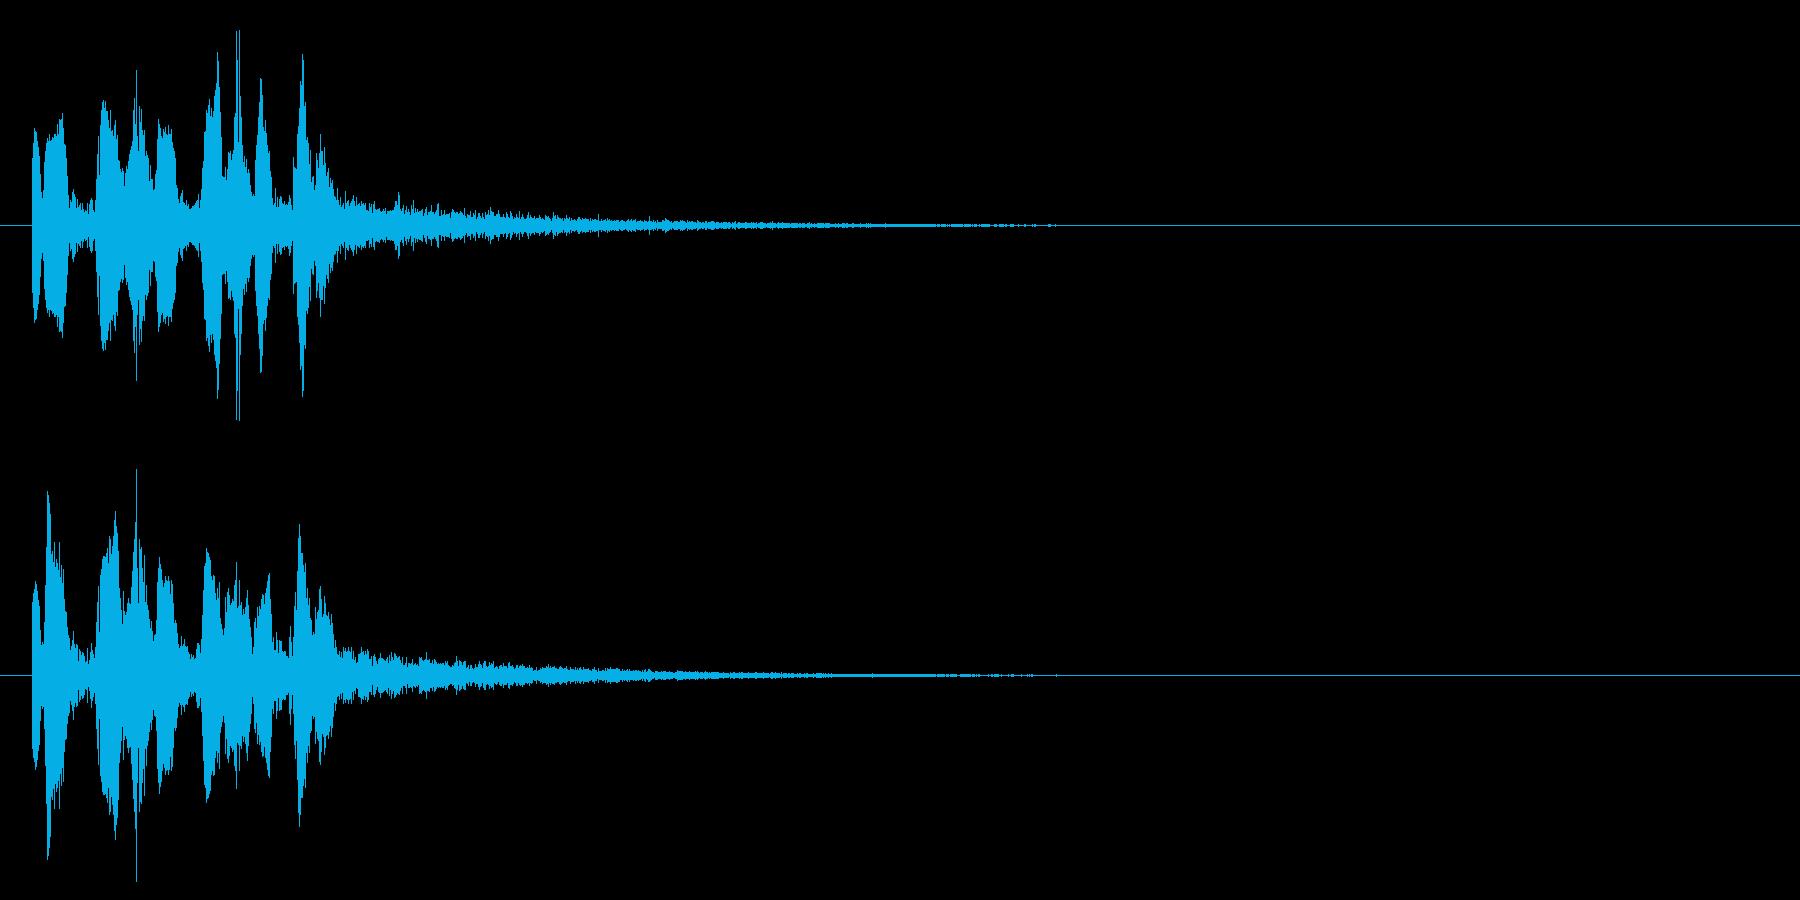 キュッポキュッポキュッポ(ビーム音)の再生済みの波形